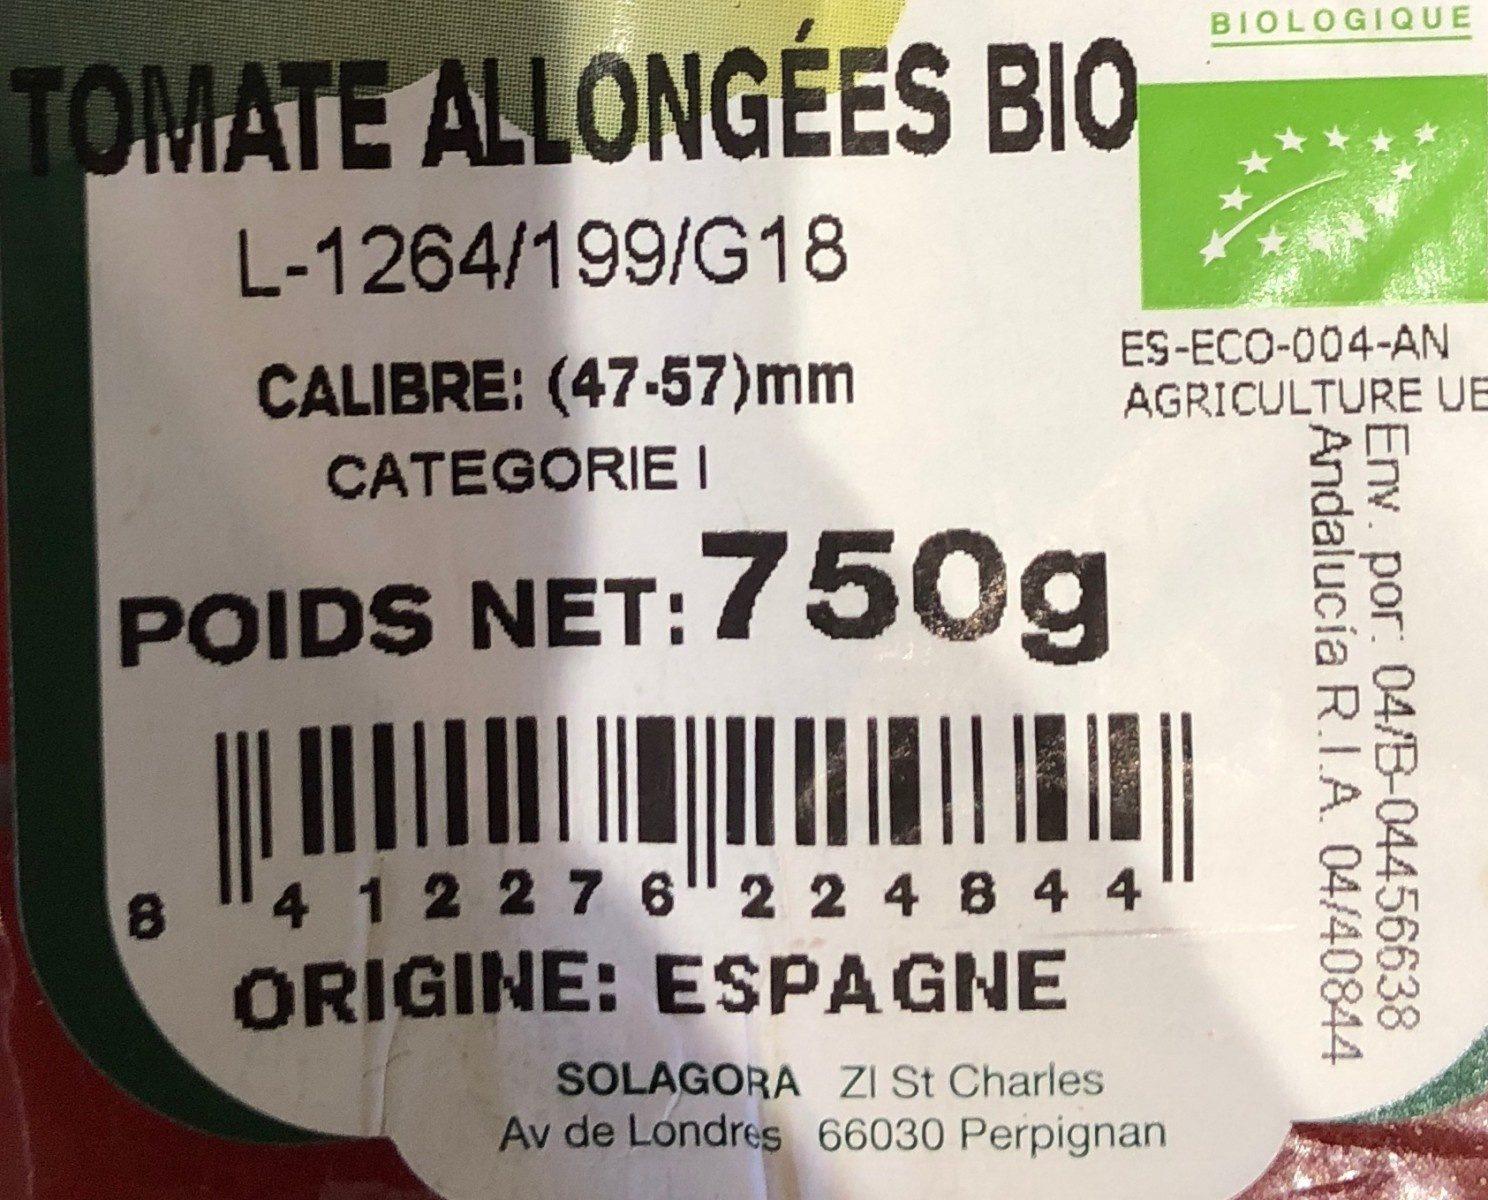 Tomate allongée Bio, catégorie 1 - Ingrédients - fr